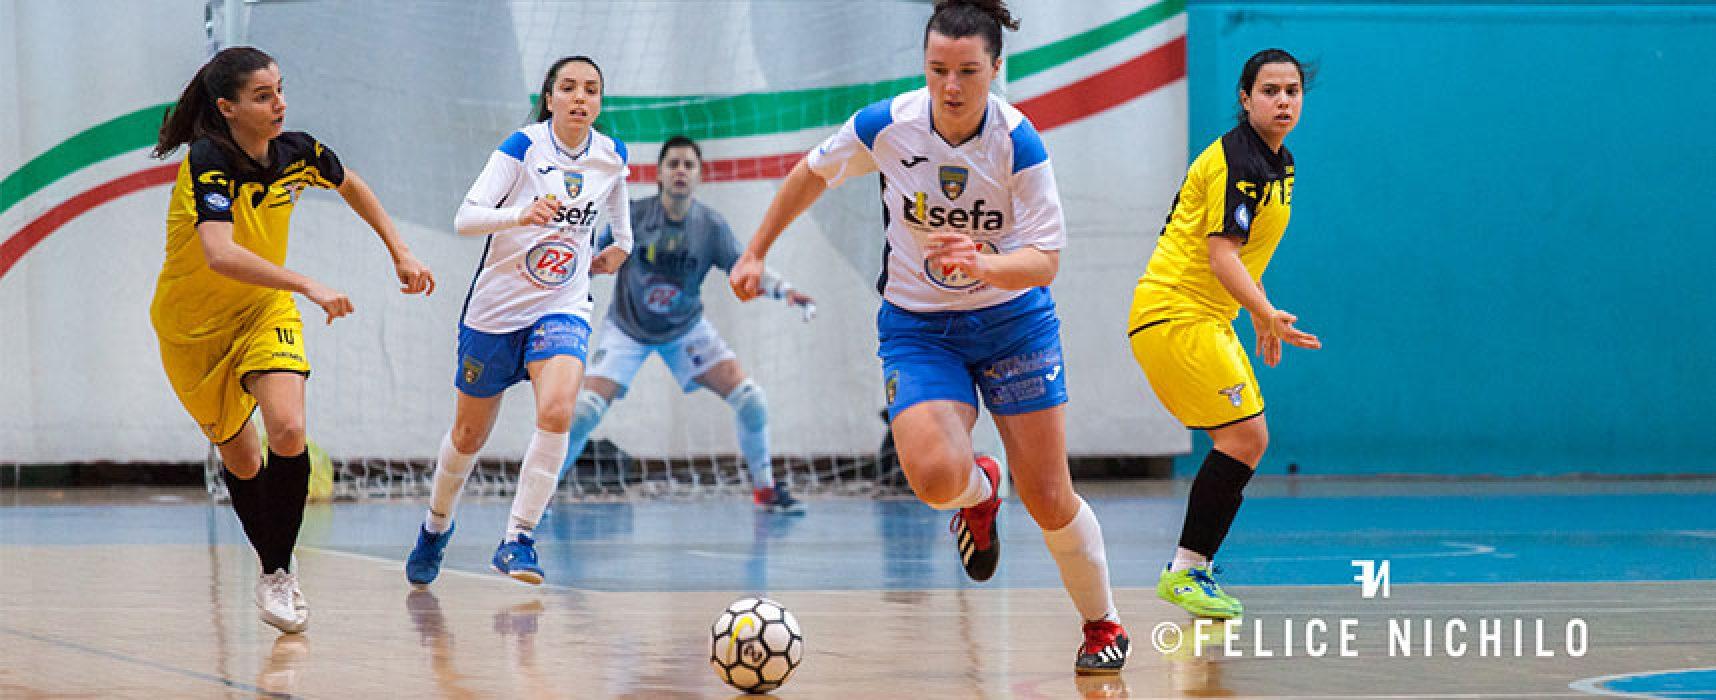 Serie A, Bisceglie Femminile ferma sul pari la Lazio